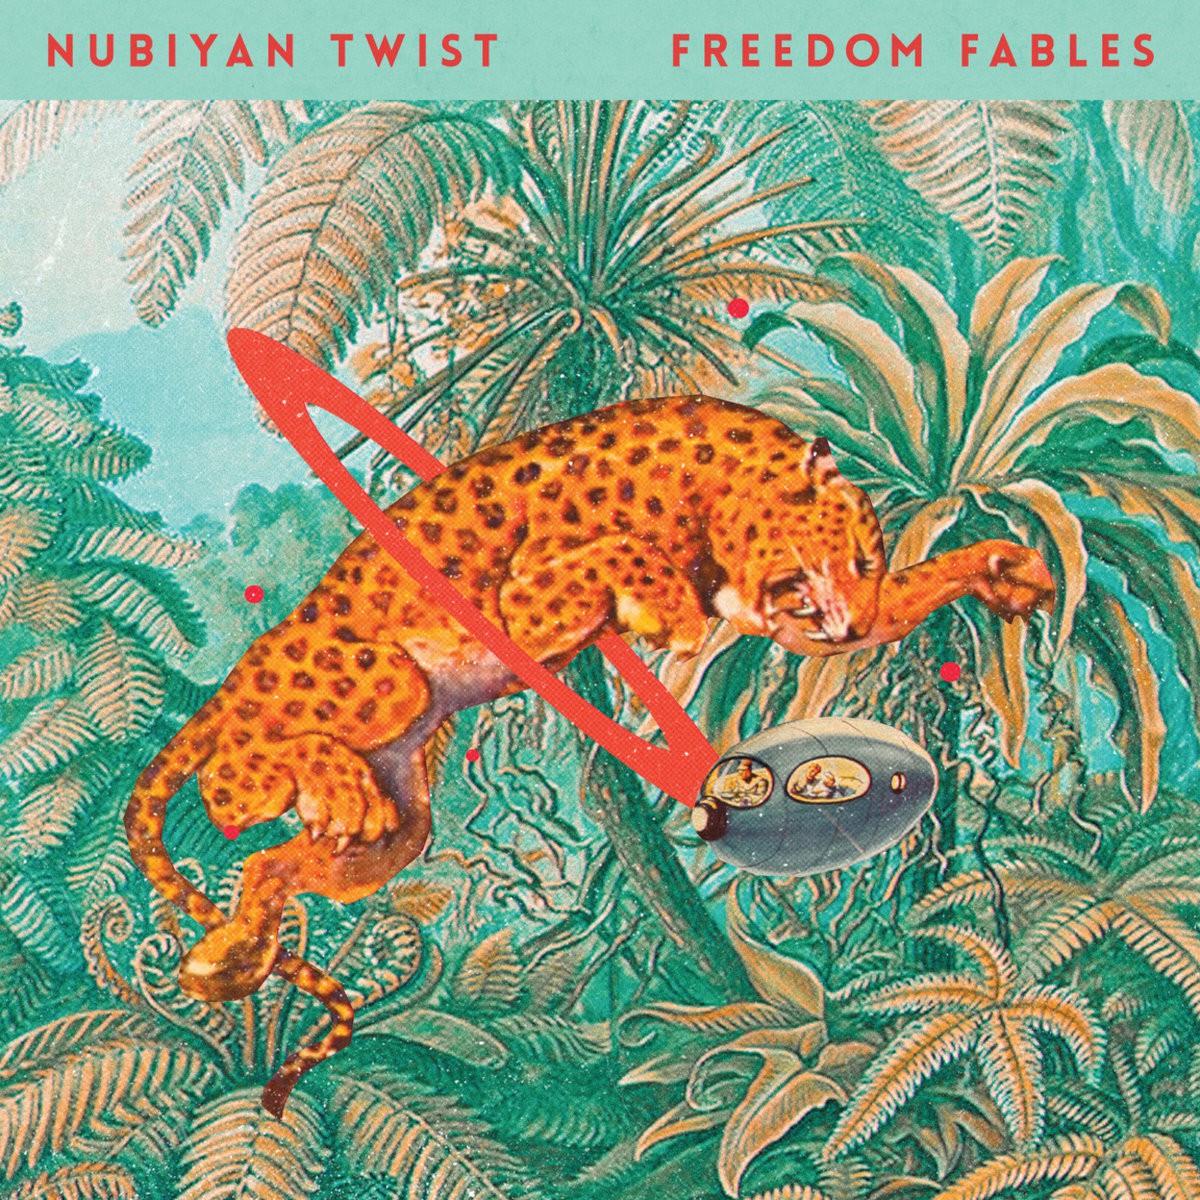 Nubyan Twist - Freedom Fables